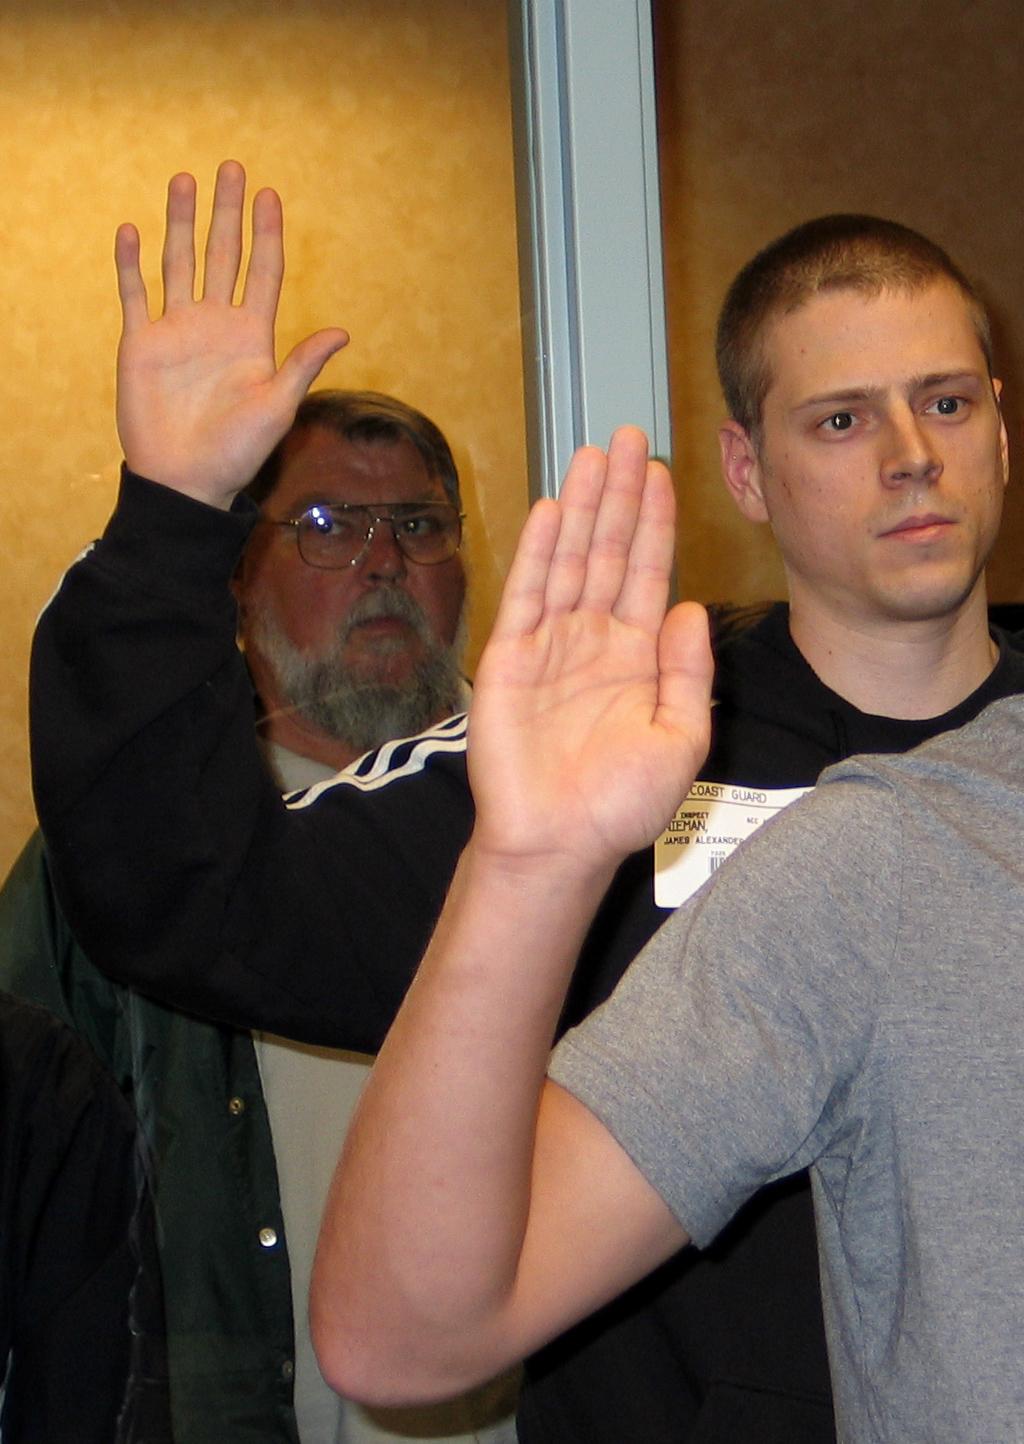 Taking the oath #3